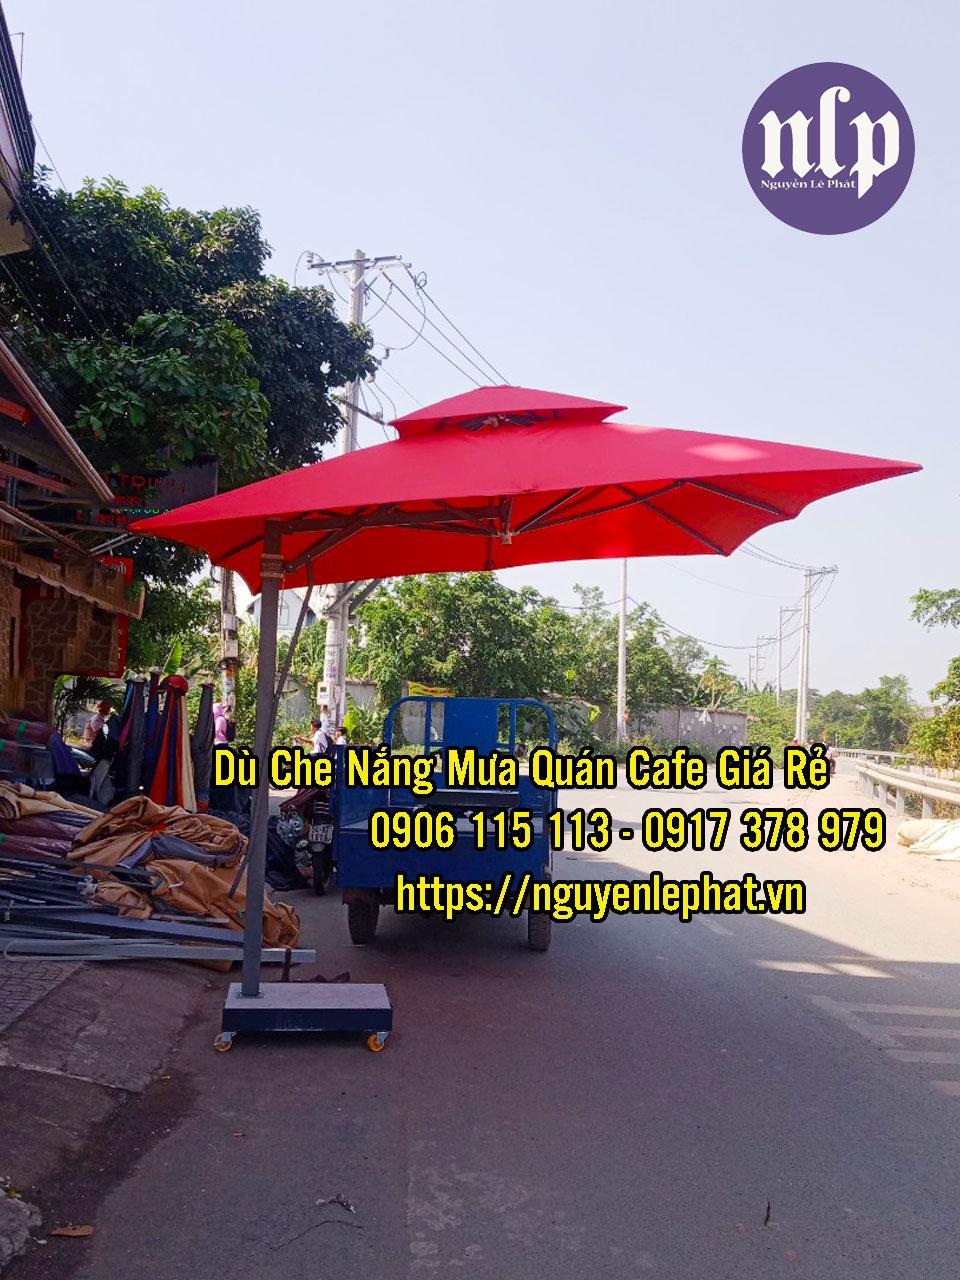 Xưởng Sản Xuất Ô Dù Che Nắng Trang Trí Quán Cafe Giá Rẻ